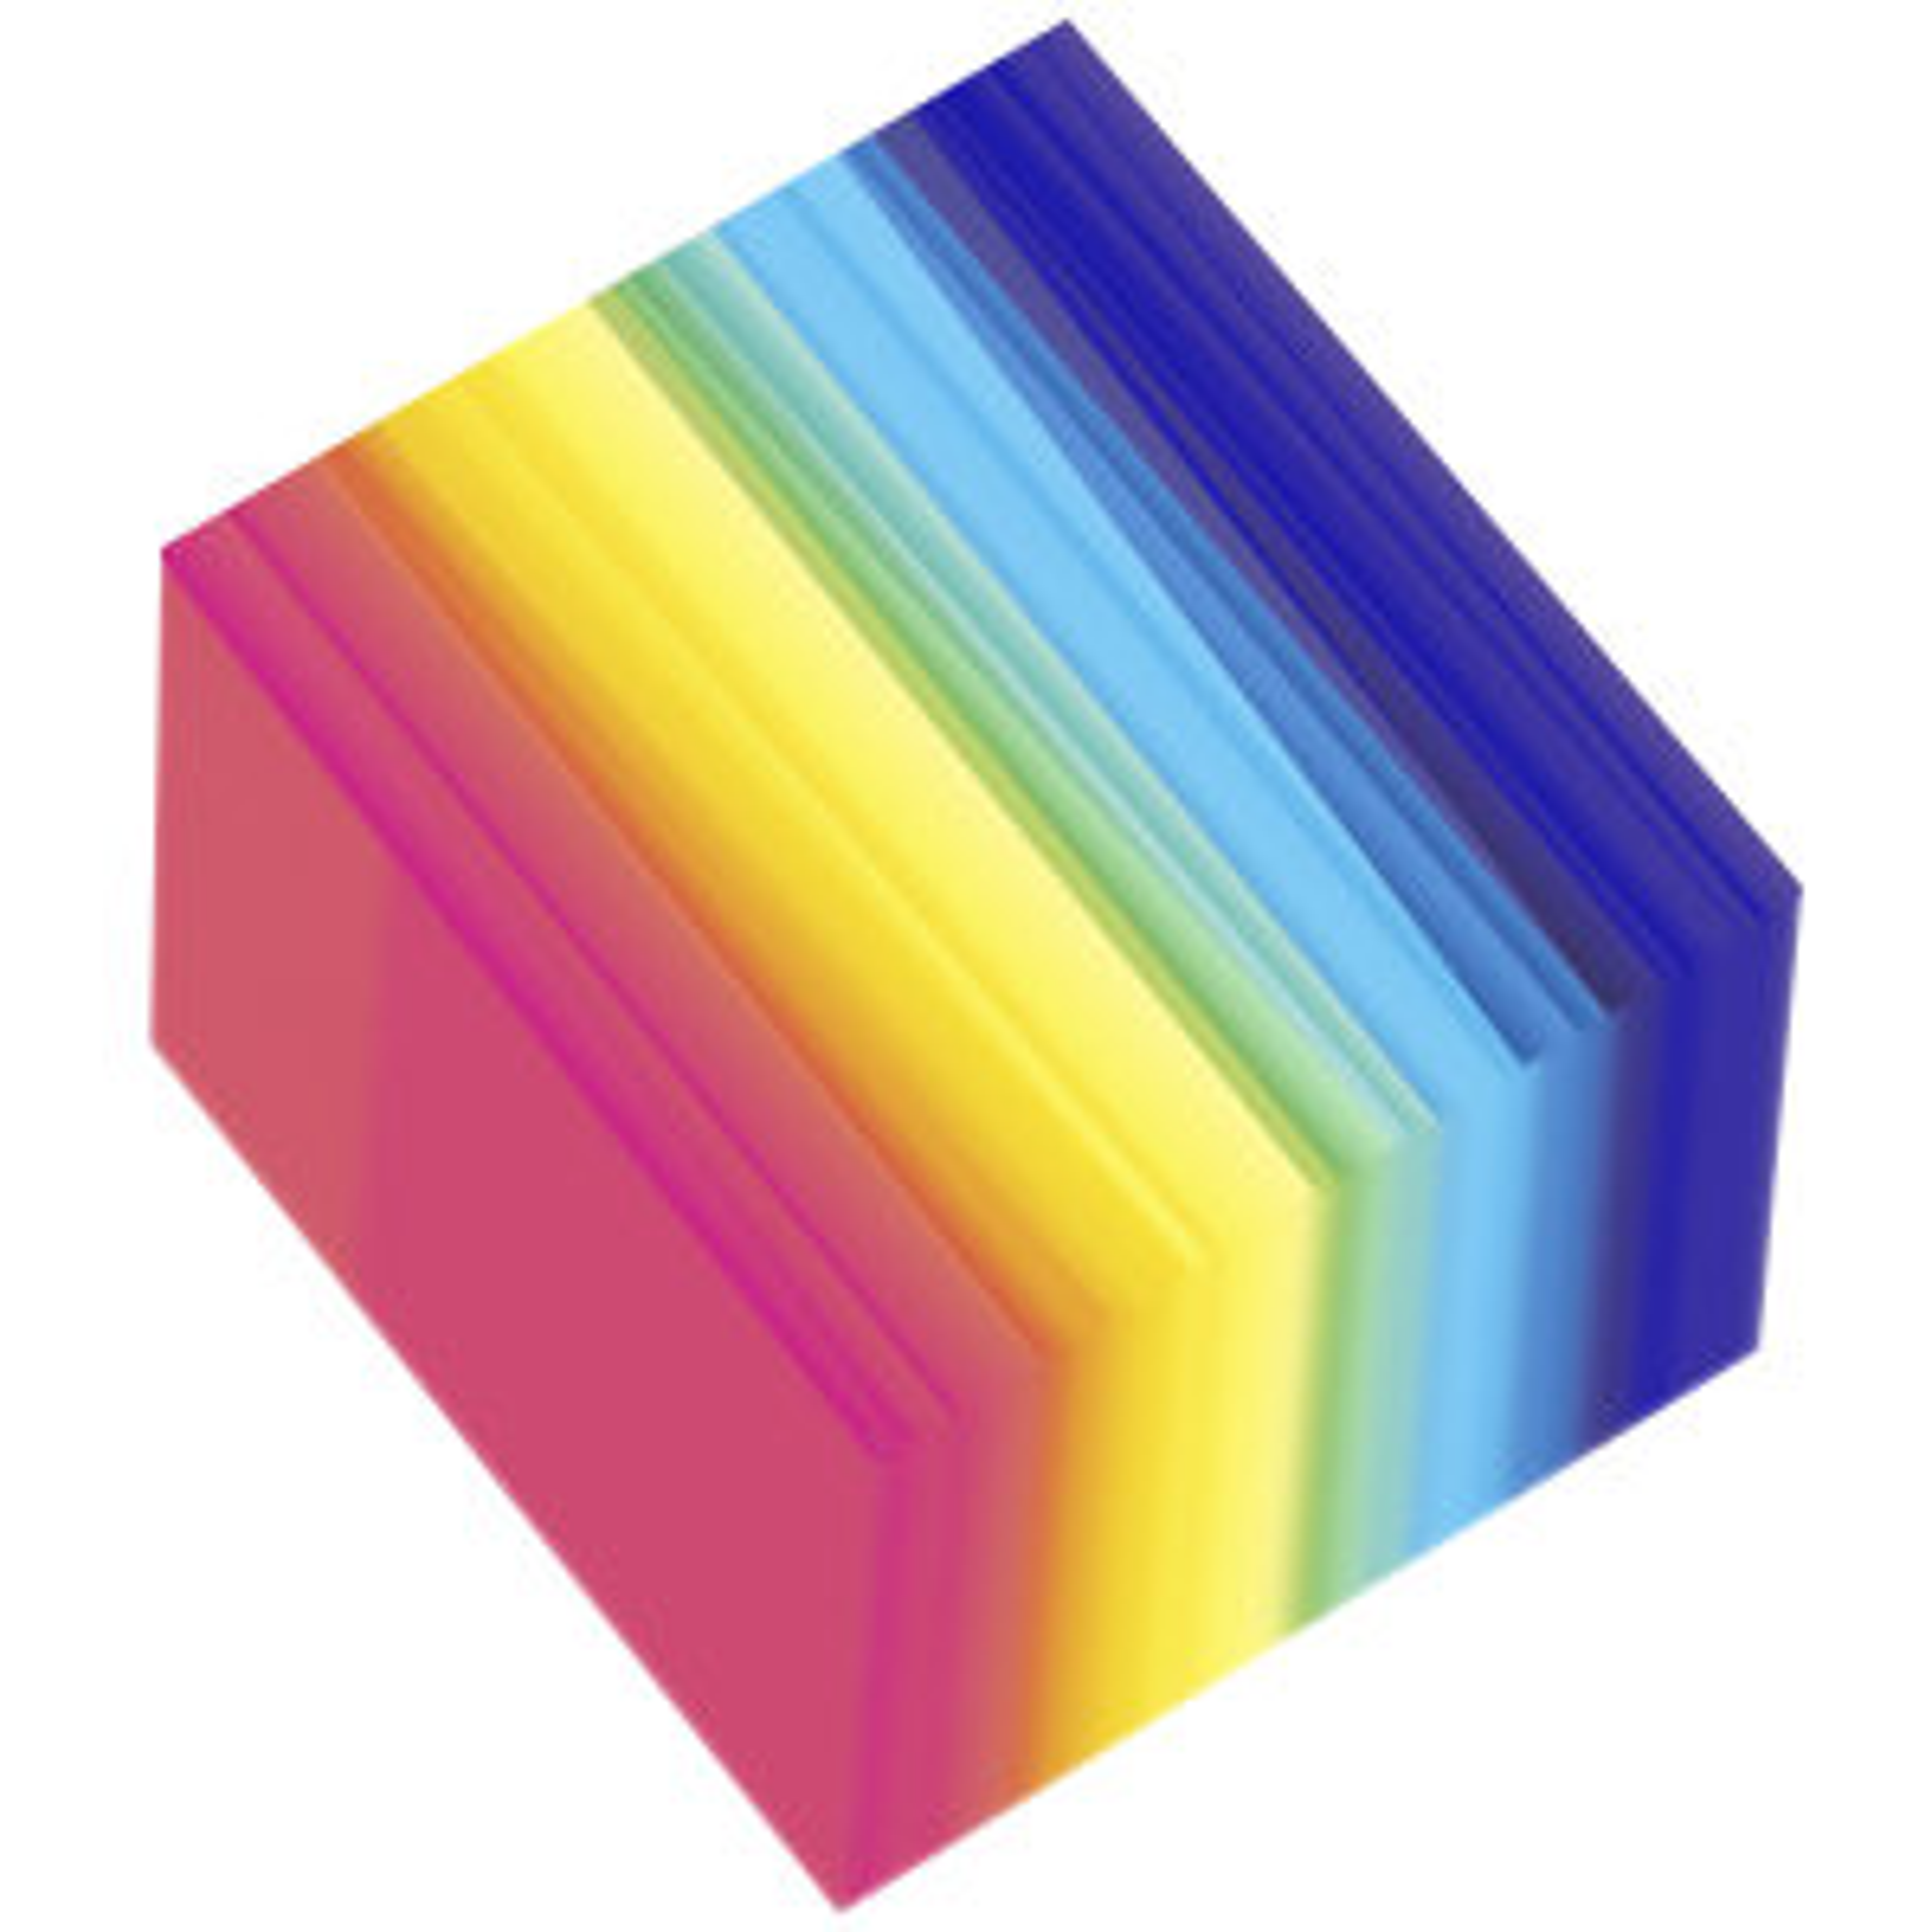 کاغذ رنگی مستر راد مدل رنگین کمان بسته 250 عددی